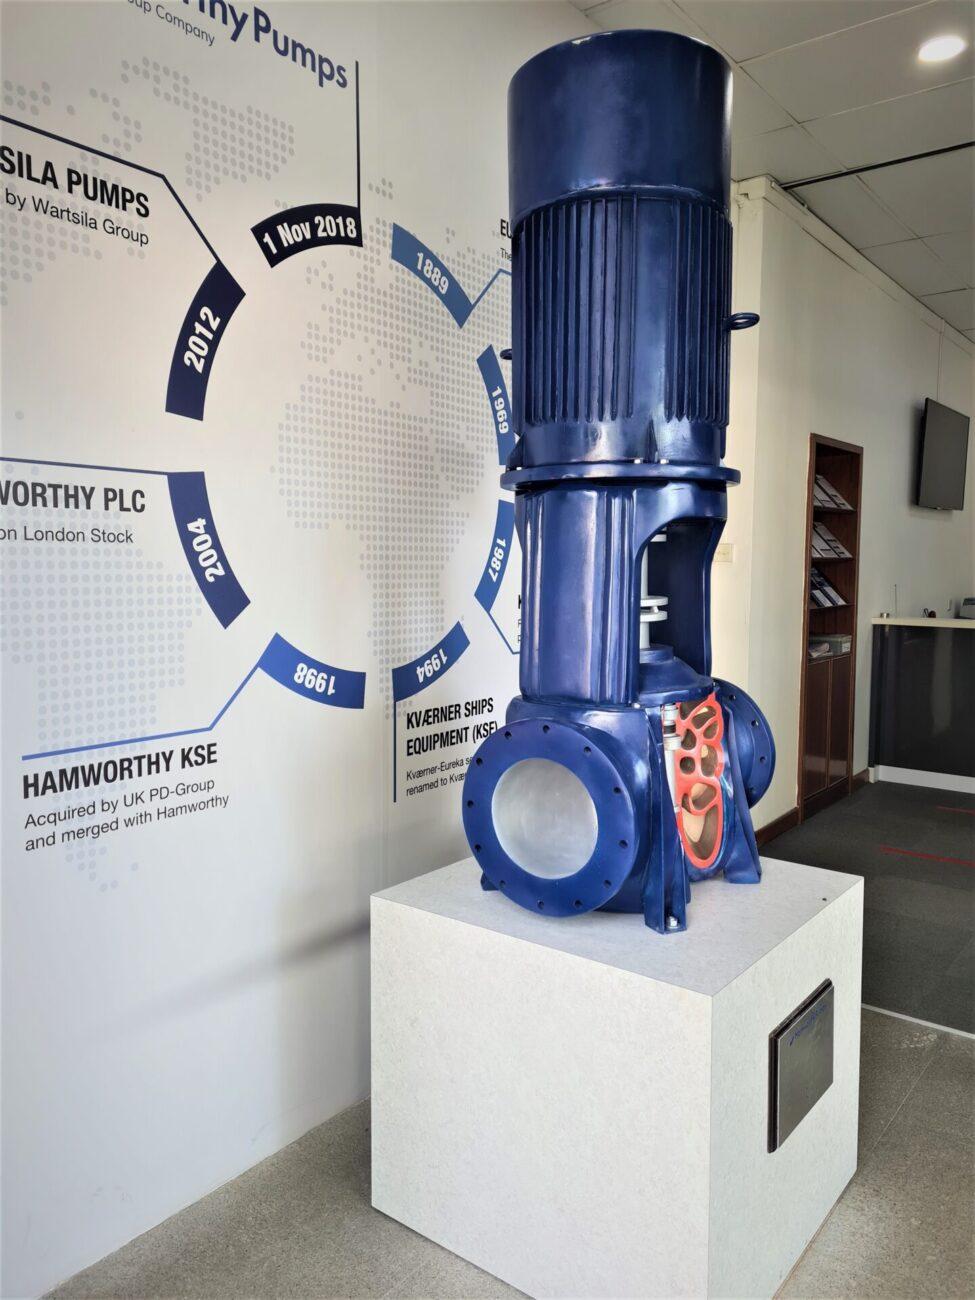 Small-scale replica pump ready for exhibition